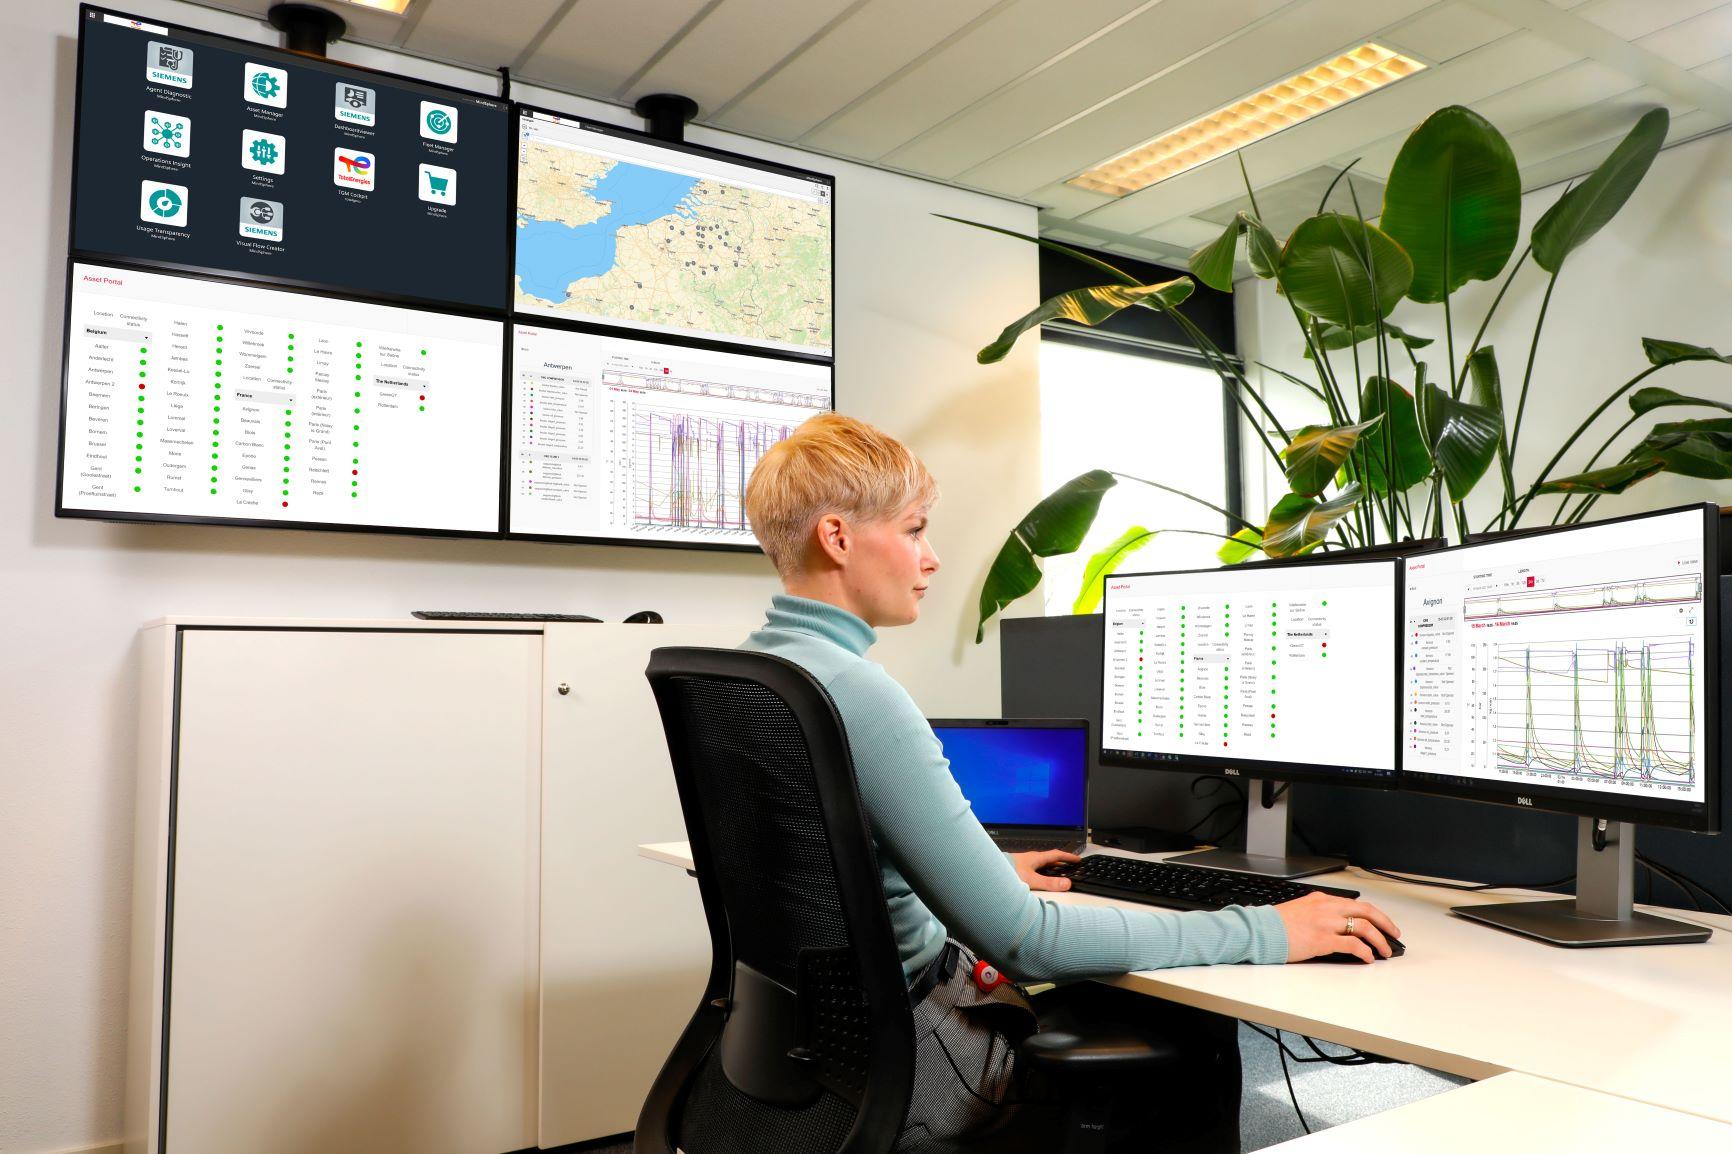 La plateforme IoT MindSphere de Siemens a été choisie par TotalEnergies pour surveiller ses stations GNV